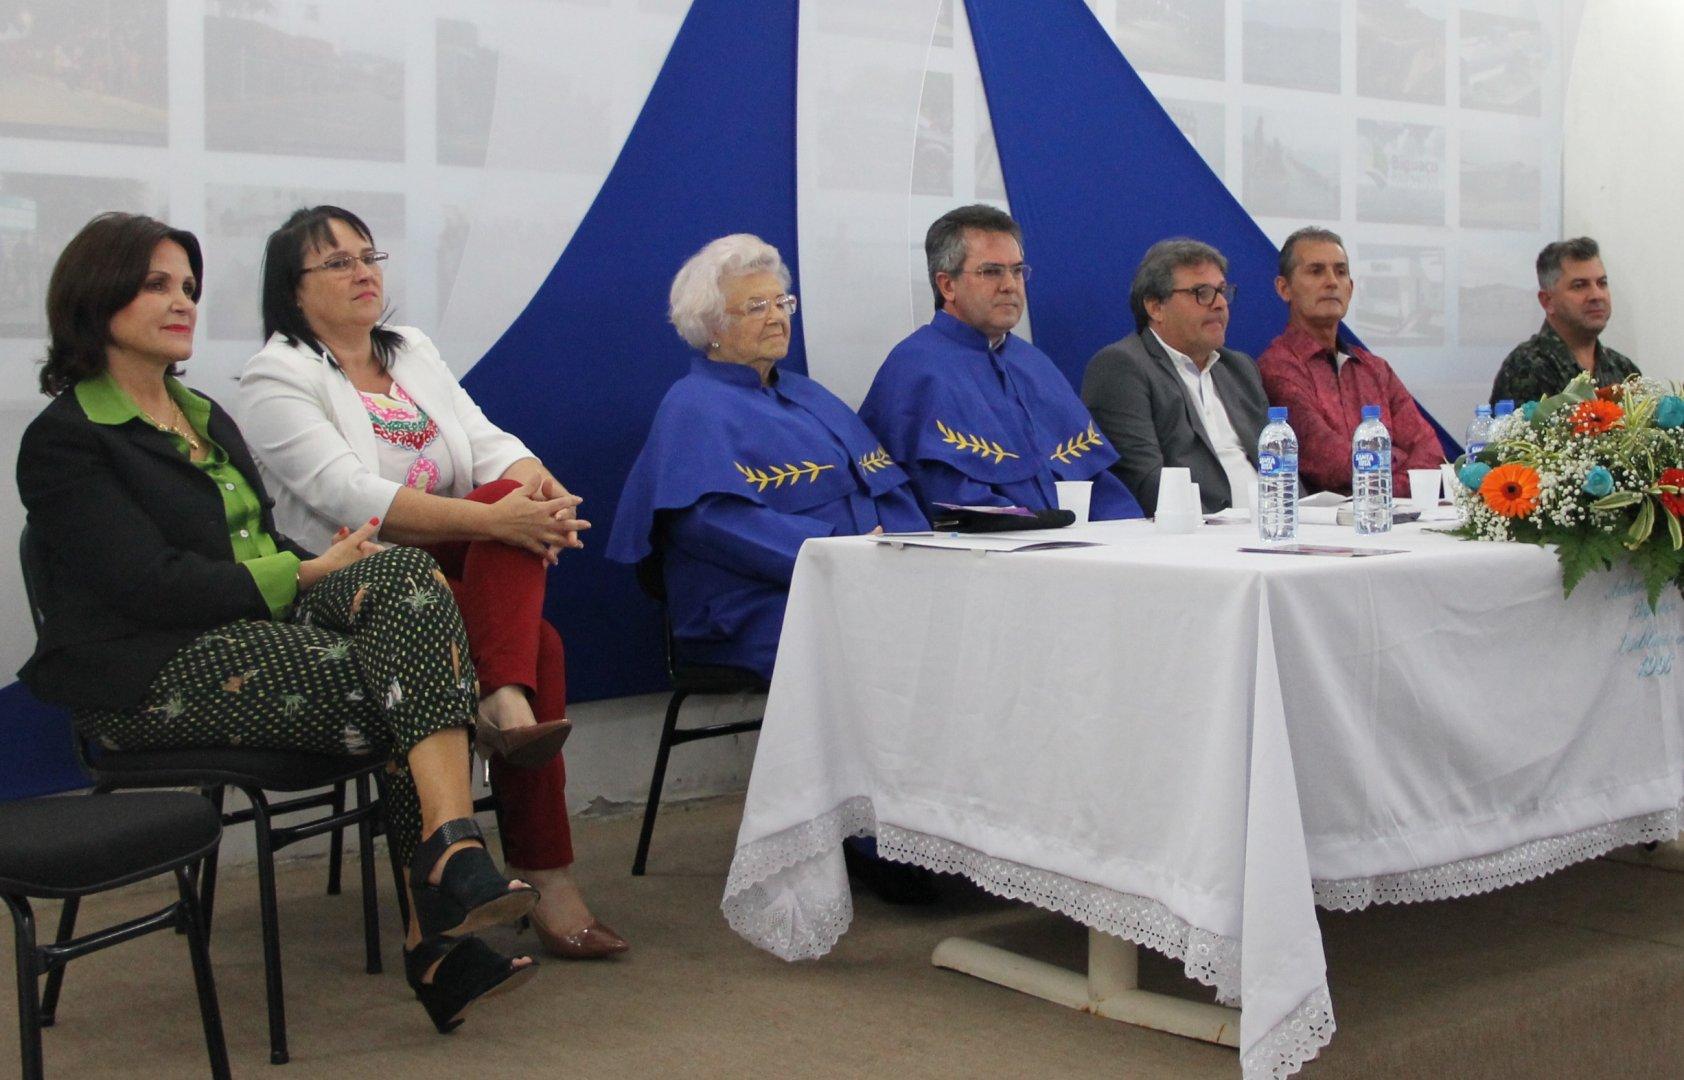 Academia de Letras realiza Sessão Solene em homenagem aos 185 anos de Biguaçu | Foto Paulo Rodrigo Ferreira - DICOM PMB